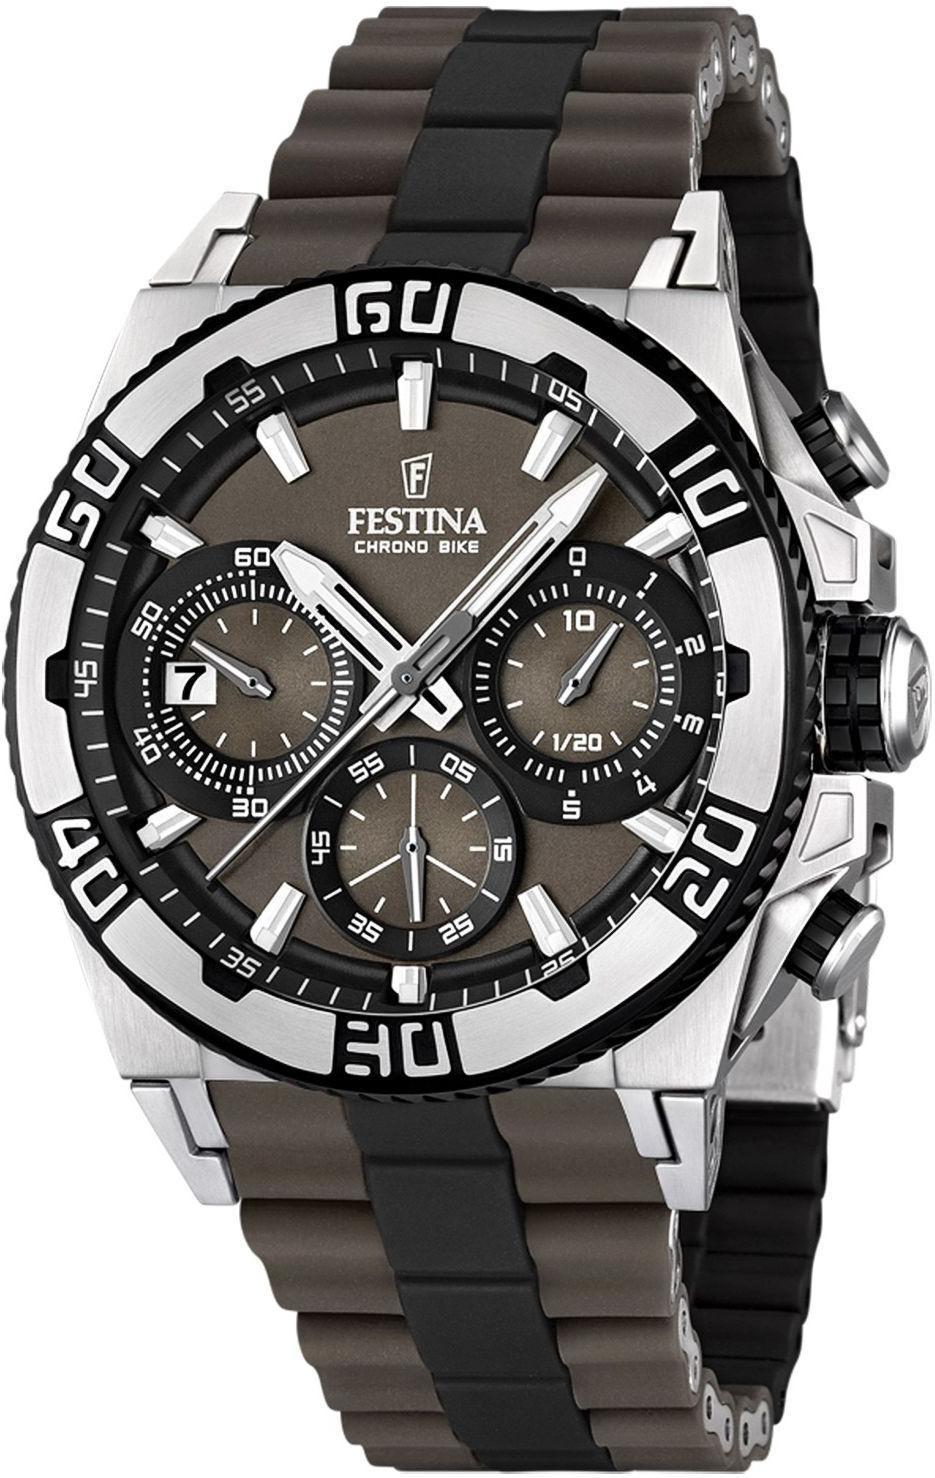 Festina F16659.4 - мужские наручные часы из коллекции Chrono BikeFestina<br><br><br>Бренд: Festina<br>Модель: Festina F16659/4<br>Артикул: F16659.4<br>Вариант артикула: None<br>Коллекция: Chrono Bike<br>Подколлекция: None<br>Страна: Испания<br>Пол: мужские<br>Тип механизма: кварцевые<br>Механизм: M6S20<br>Количество камней: None<br>Автоподзавод: None<br>Источник энергии: от батарейки<br>Срок службы элемента питания: None<br>Дисплей: стрелки<br>Цифры: отсутствуют<br>Водозащита: WR 100<br>Противоударные: None<br>Материал корпуса: нерж. сталь, PVD покрытие (частичное)<br>Материал браслета: нерж. сталь + силикон<br>Материал безеля: None<br>Стекло: минеральное<br>Антибликовое покрытие: None<br>Цвет корпуса: None<br>Цвет браслета: None<br>Цвет циферблата: None<br>Цвет безеля: None<br>Размеры: 44.5x14 мм<br>Диаметр: None<br>Диаметр корпуса: None<br>Толщина: None<br>Ширина ремешка: None<br>Вес: 155 г<br>Спорт-функции: секундомер<br>Подсветка: стрелок<br>Вставка: None<br>Отображение даты: число<br>Хронограф: есть<br>Таймер: None<br>Термометр: None<br>Хронометр: None<br>GPS: None<br>Радиосинхронизация: None<br>Барометр: None<br>Скелетон: None<br>Дополнительная информация: None<br>Дополнительные функции: None